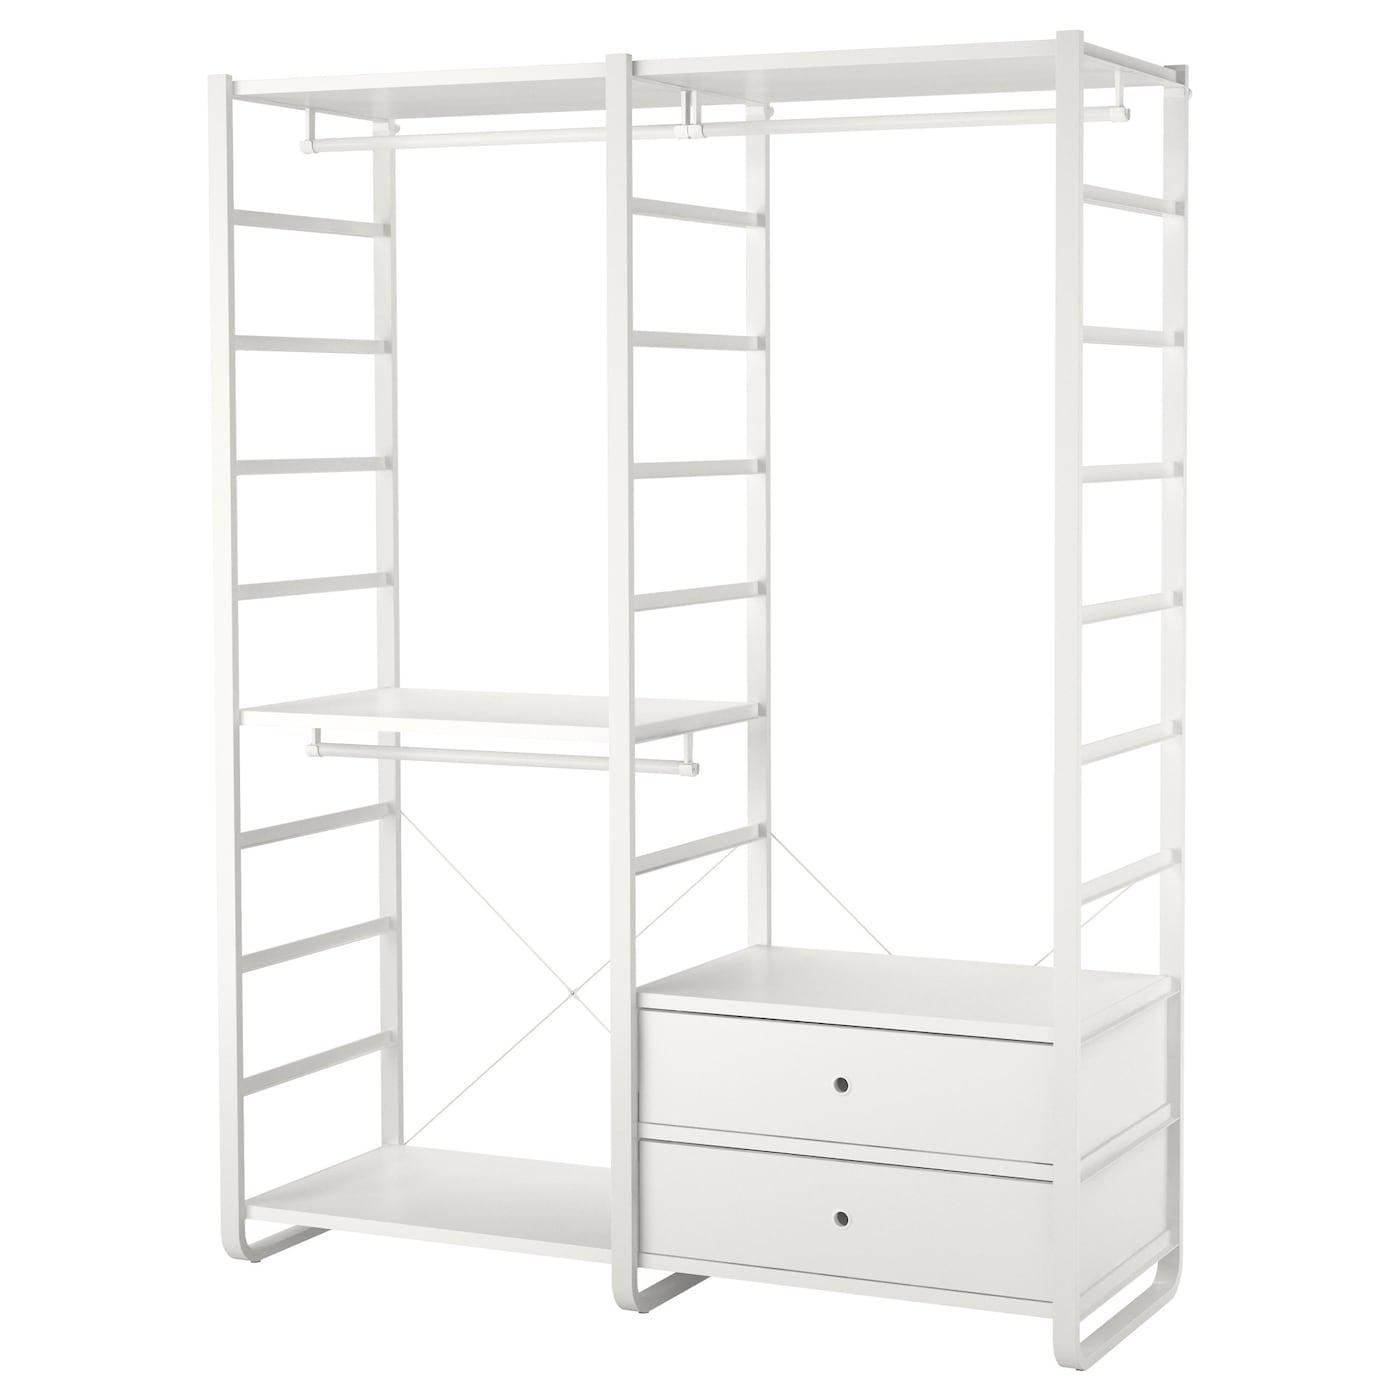 2 secciones, blanco, 165x55x216 cm